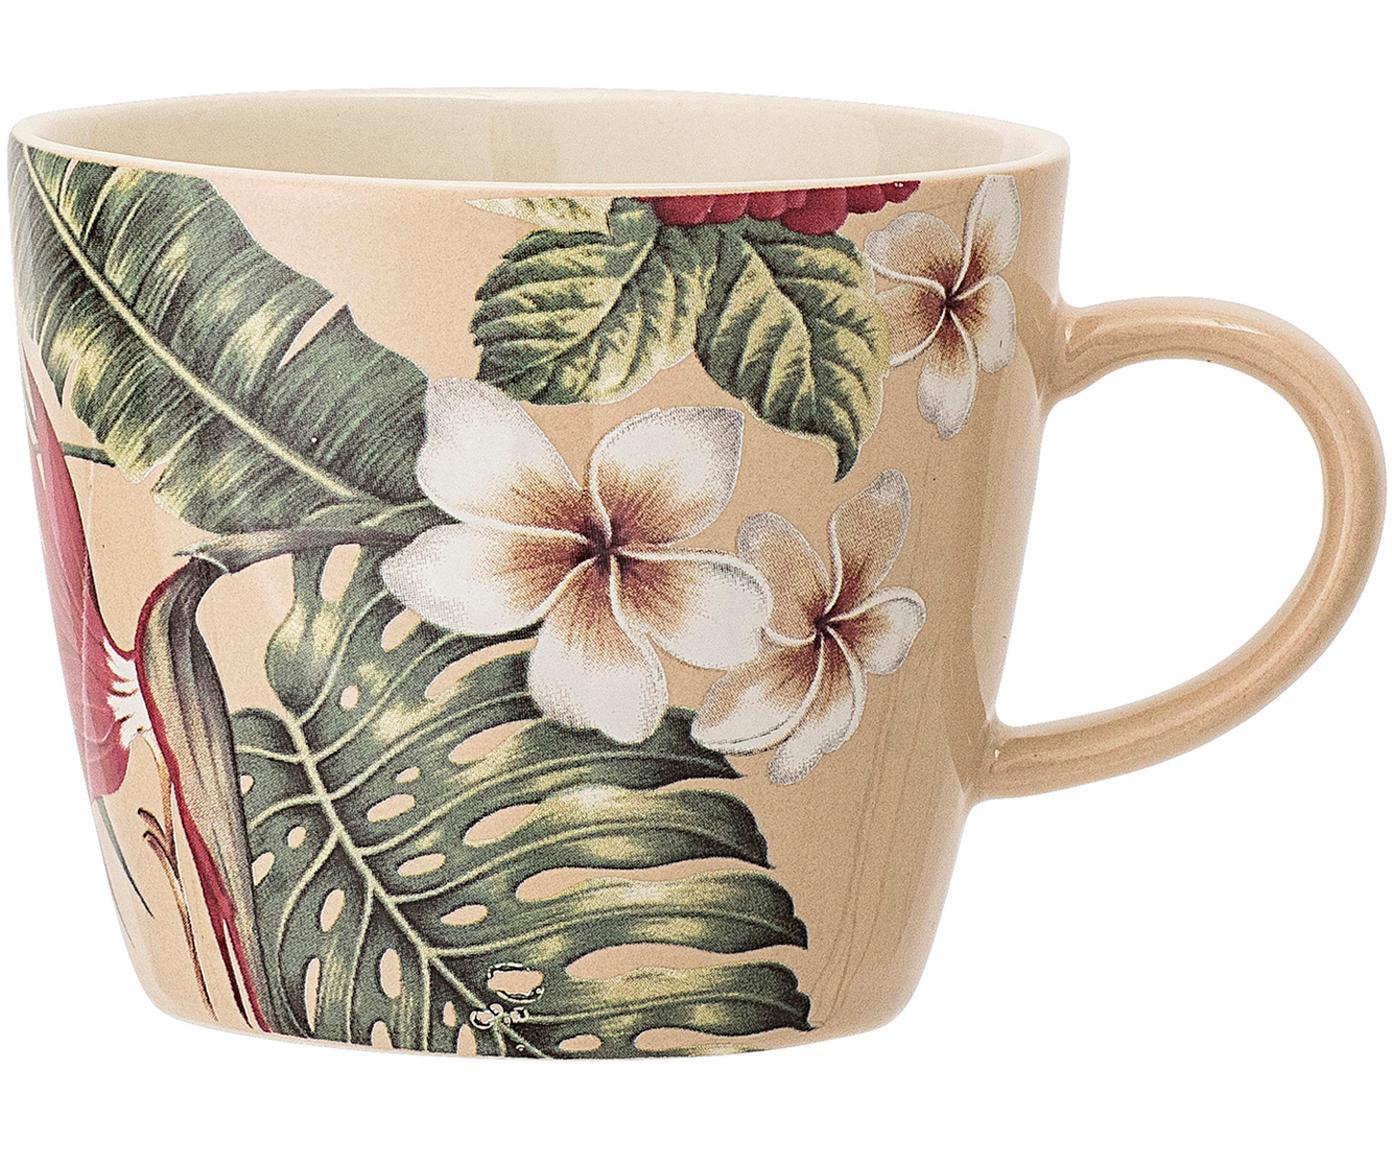 Tazza da caffè Aruba, 2 pz., Terracotta, Bianco crema, verde, rosso, Ø 10 x A 8 cm